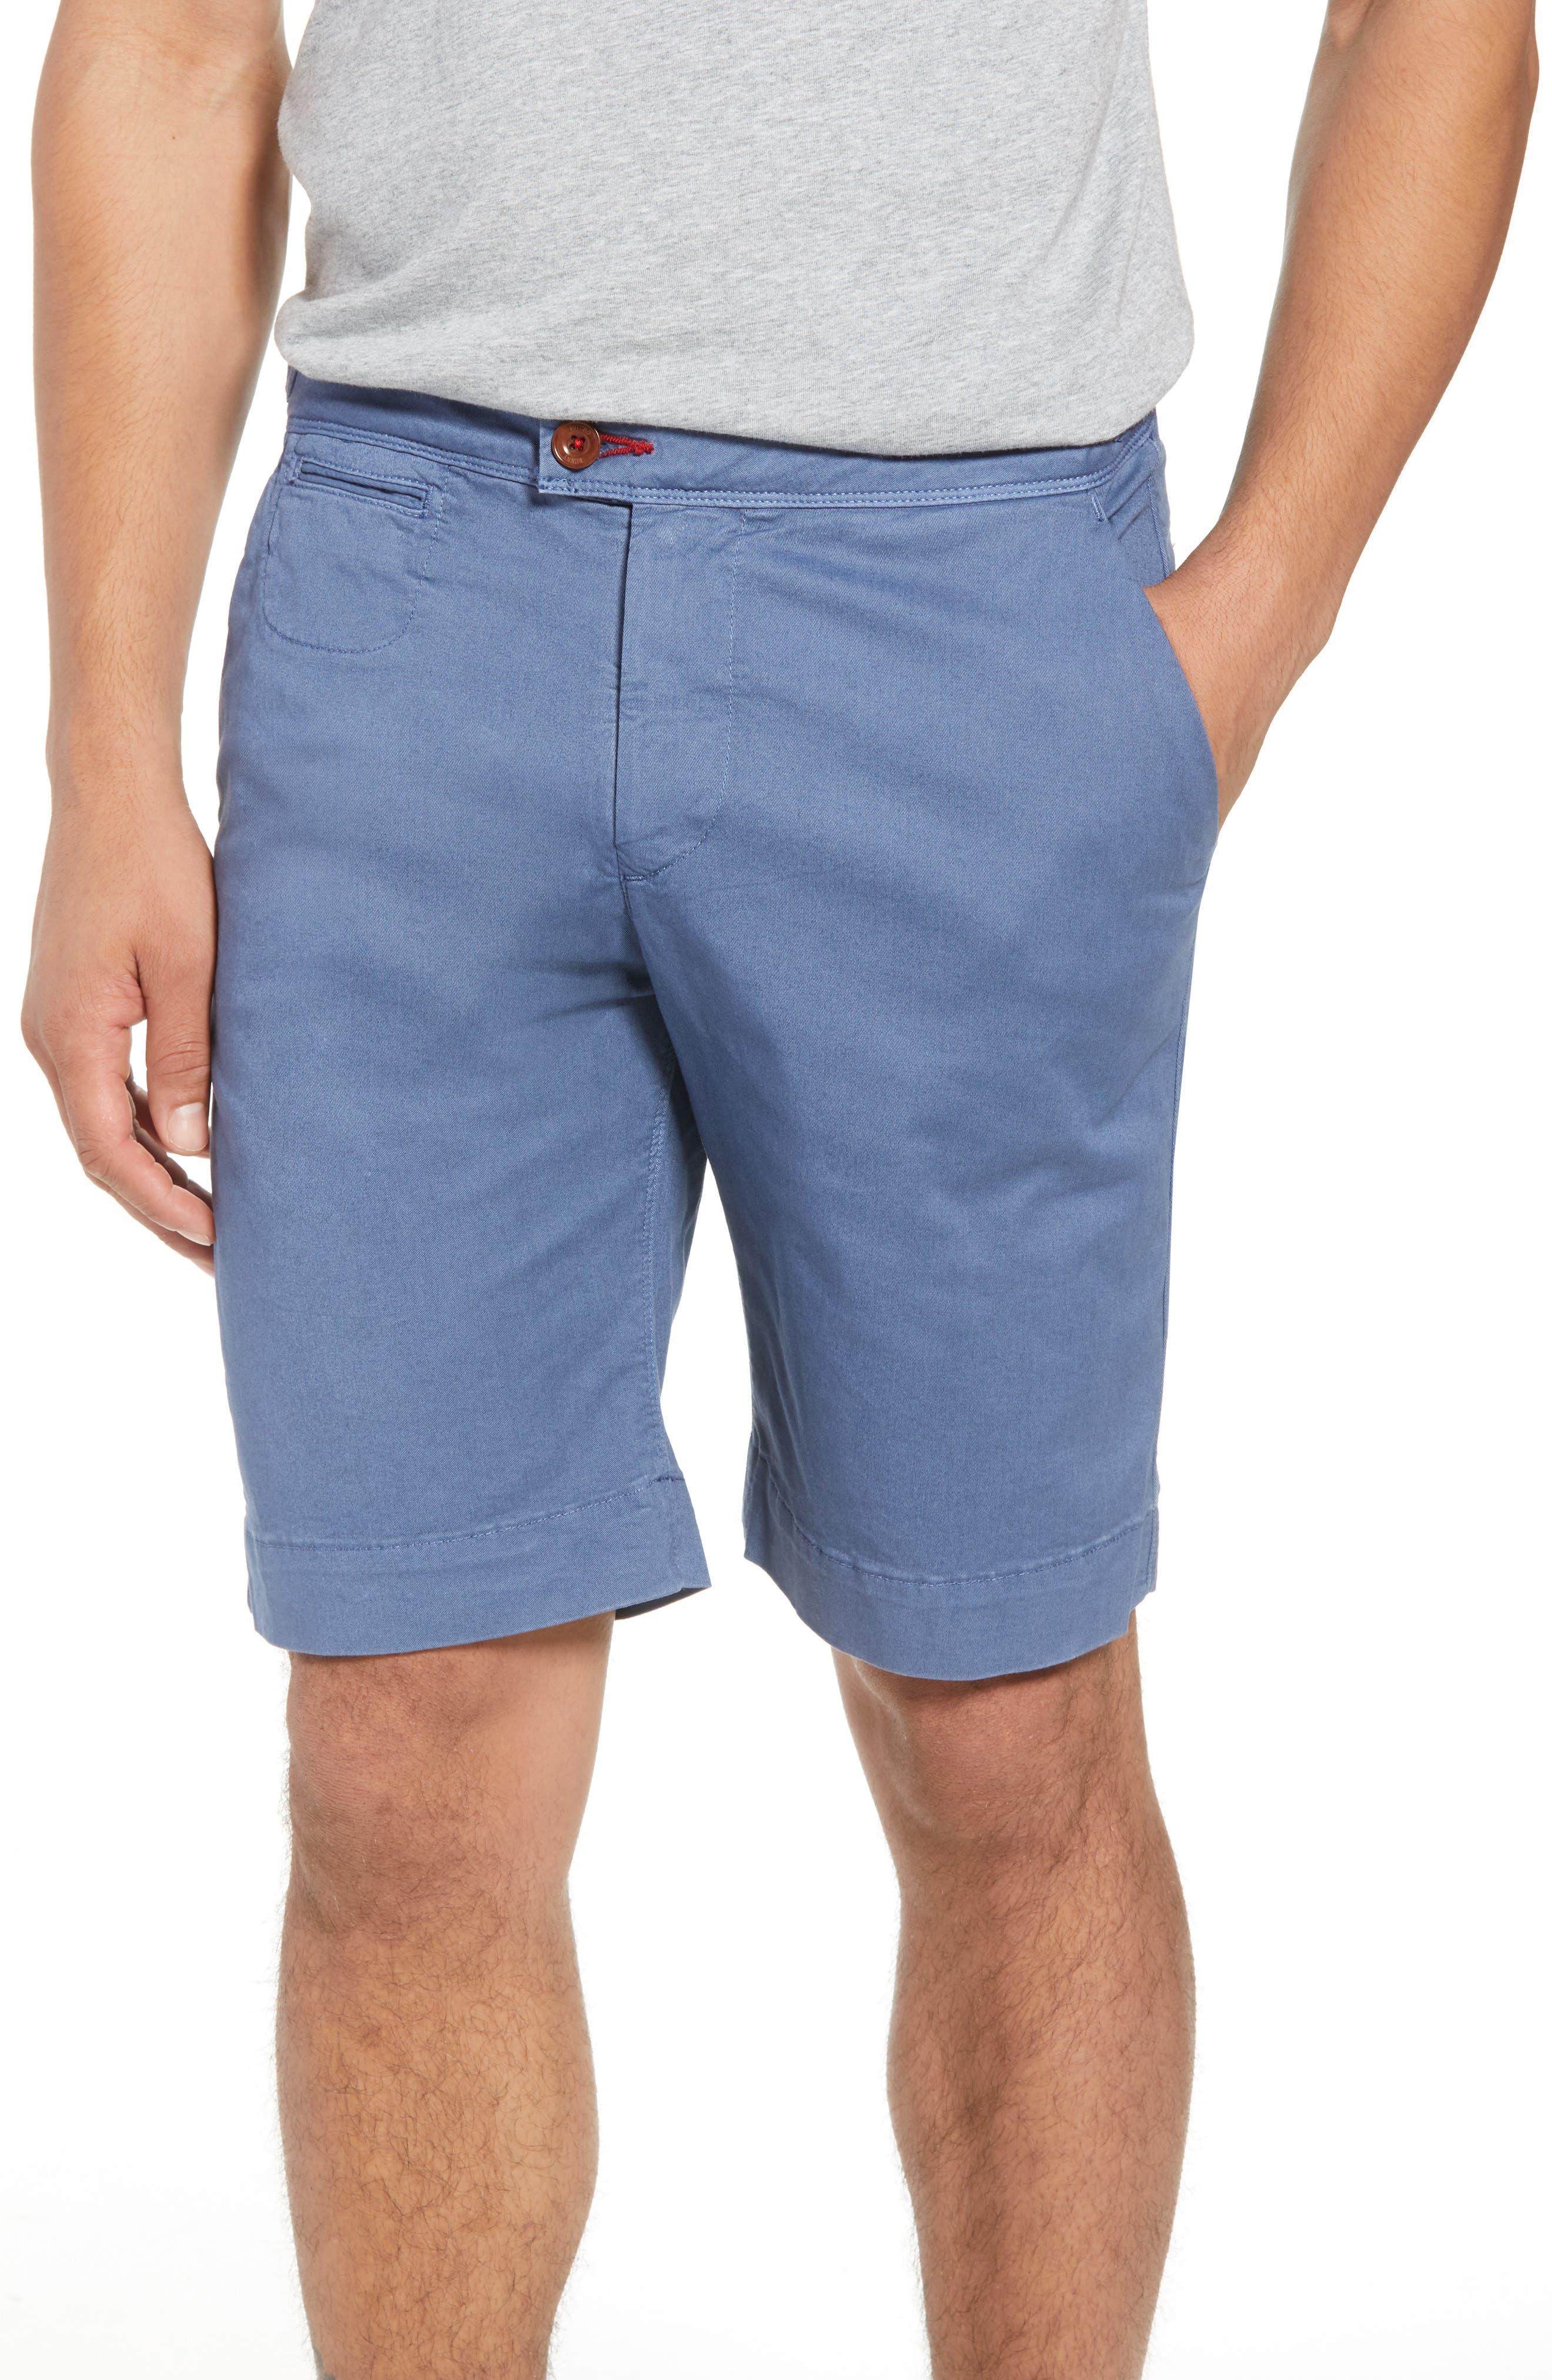 Triumph Shorts,                         Main,                         color,